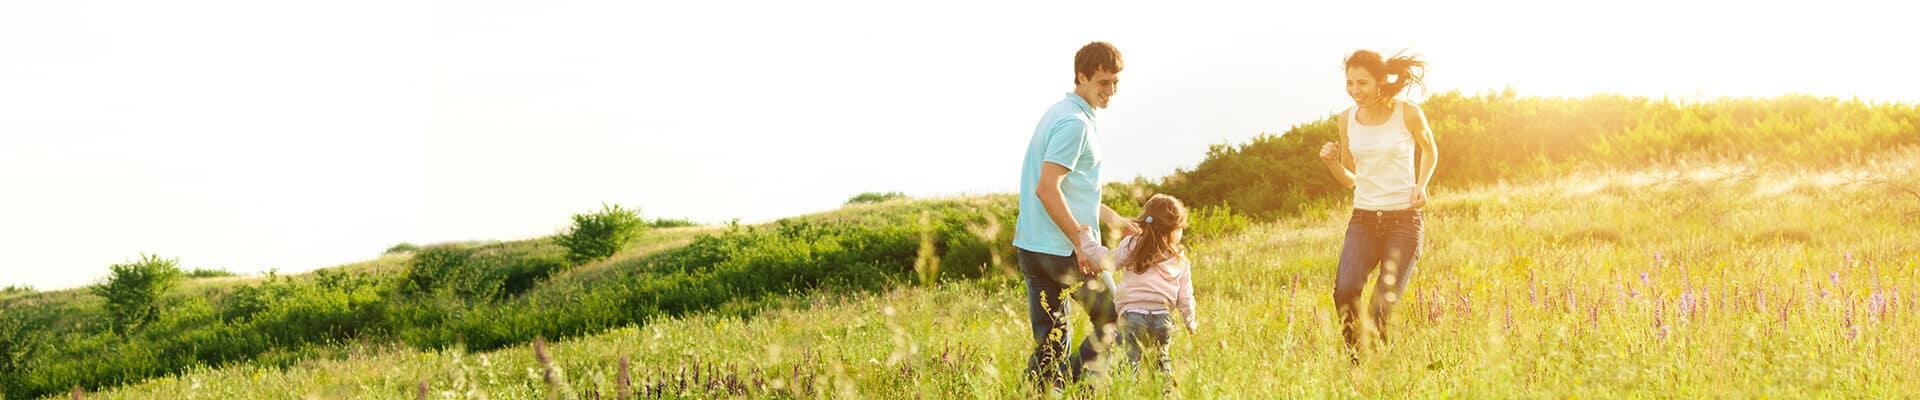 Glückliche und unbeschwerte Familie